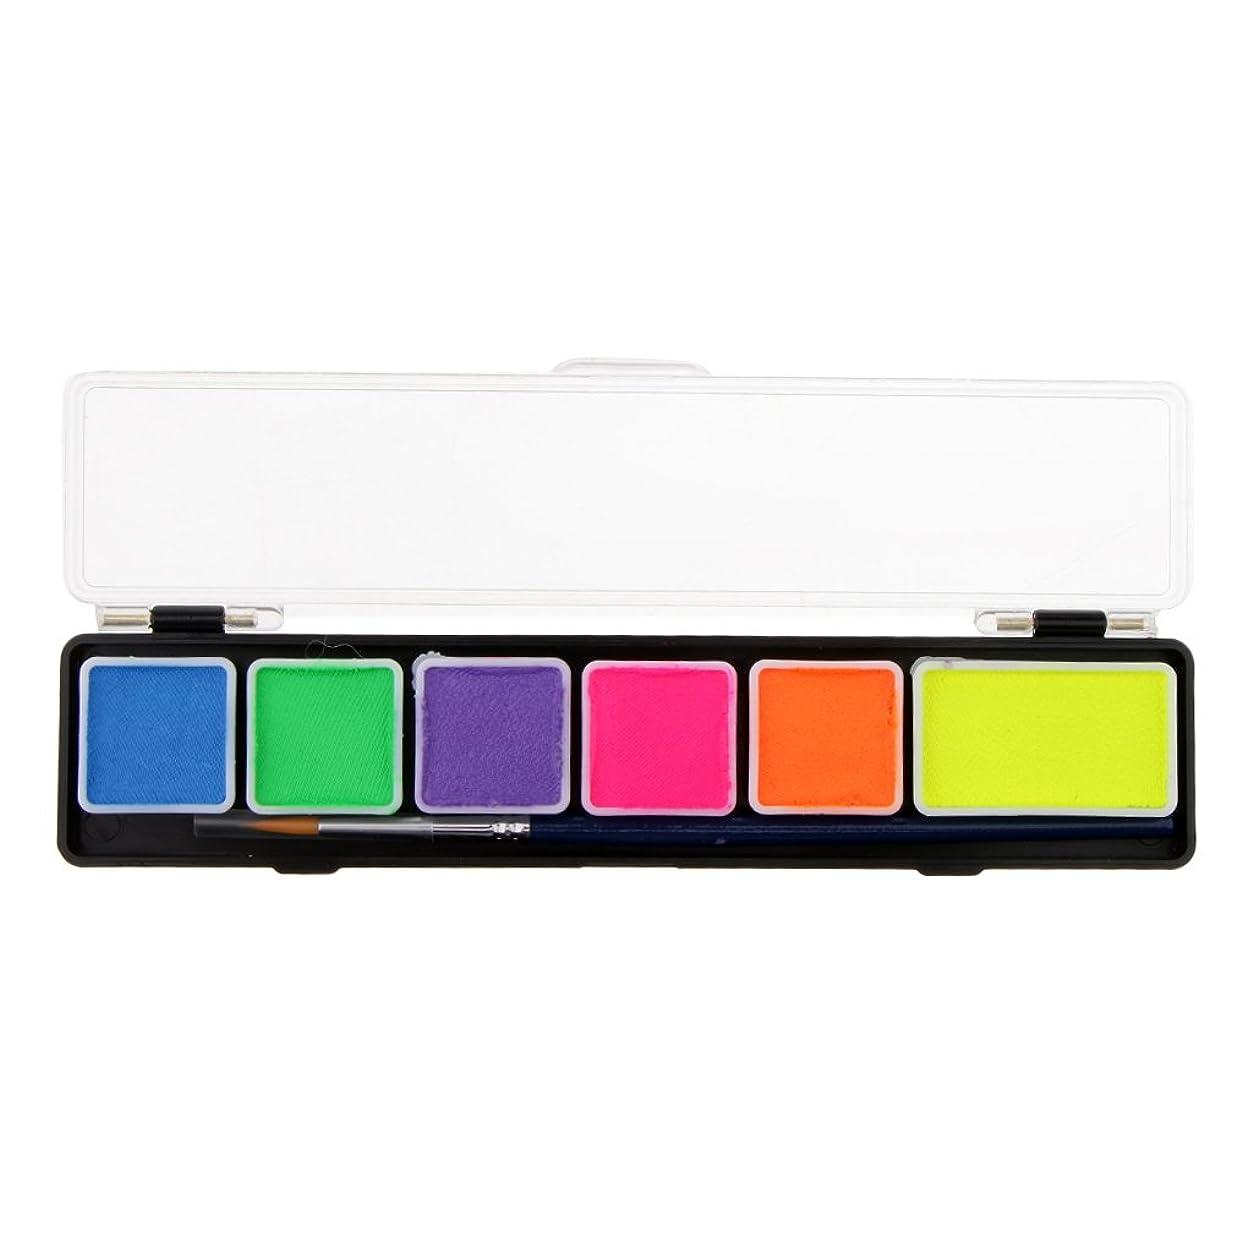 安息ビット警察Perfk フェイスペイントパレット ボディーペイント カラーメイク 化粧ブラシ メイクアップブラシ パーティー 6スタイル選べ - RT005D